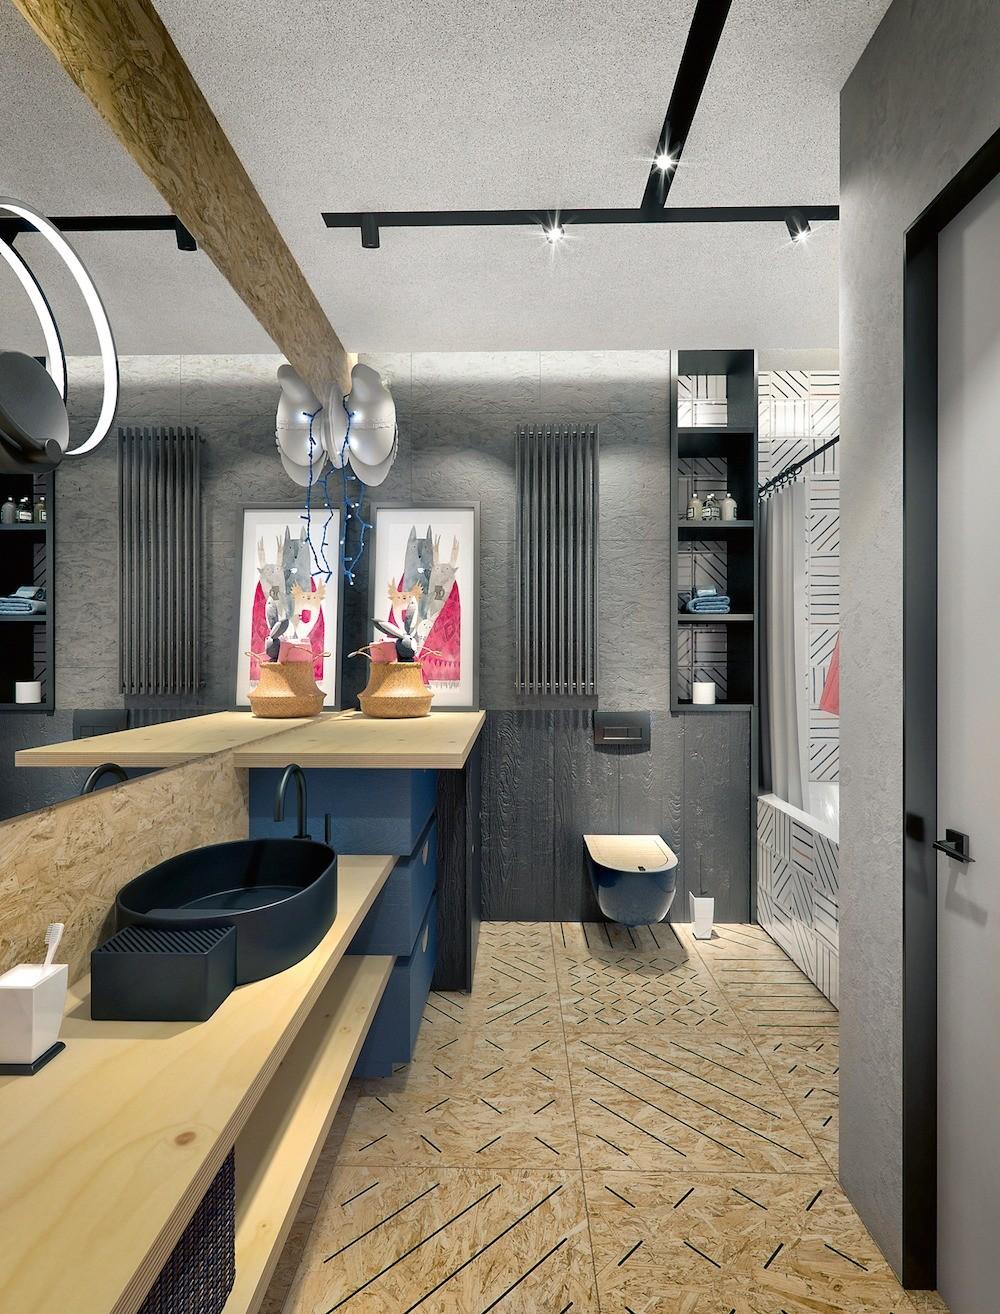 Квартира, оформленная в духе художественной галереи